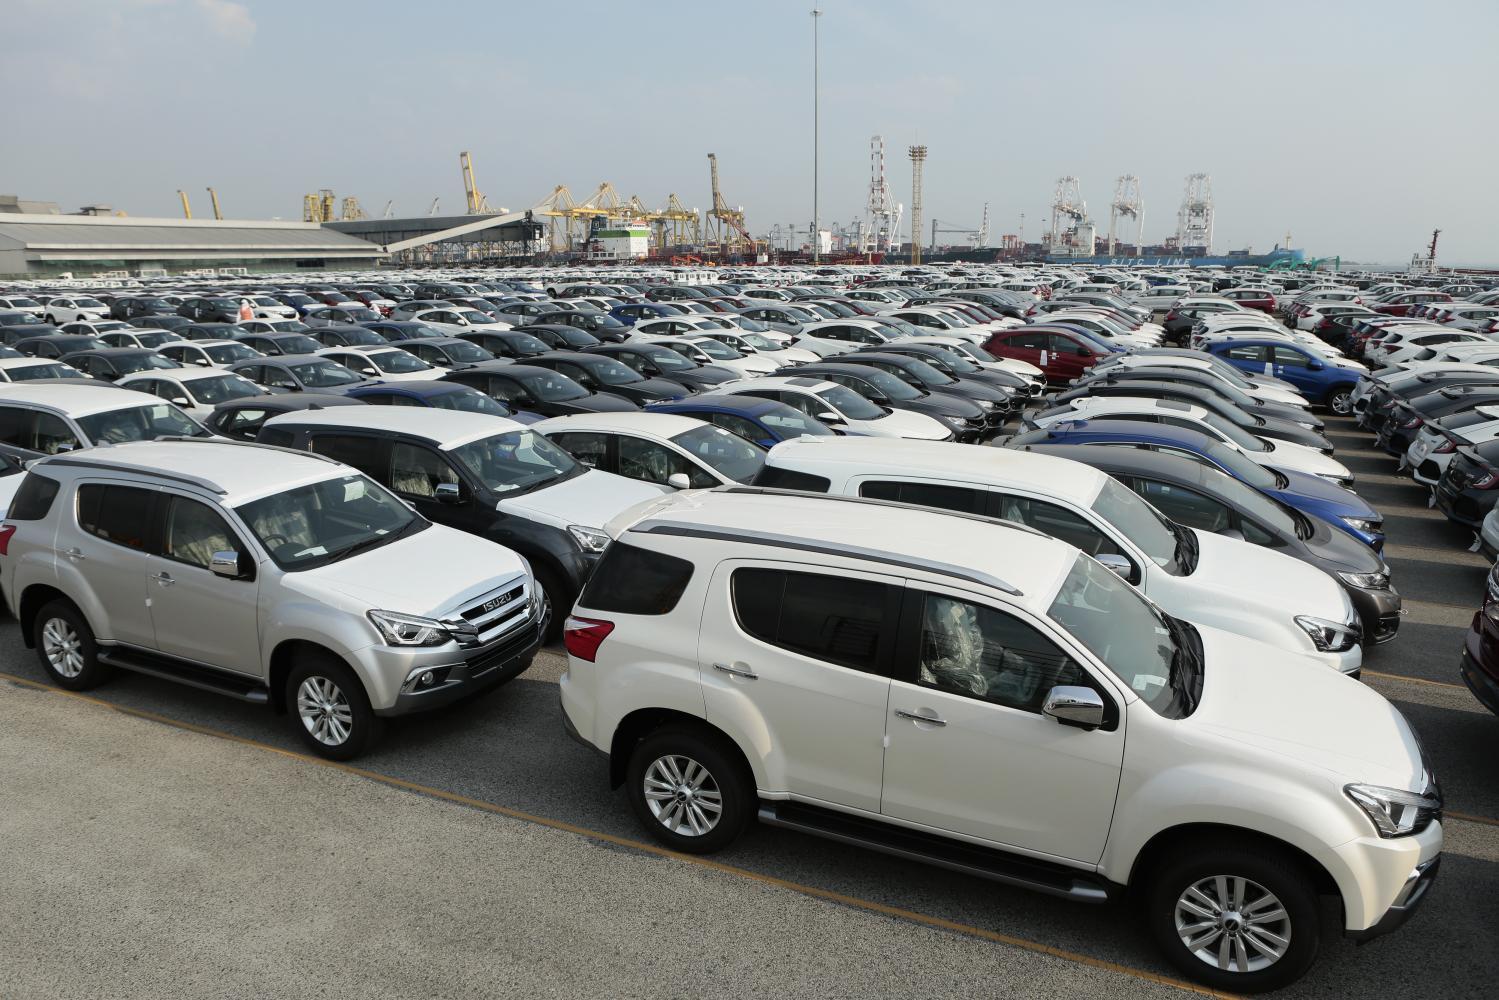 Tax on Thai cars